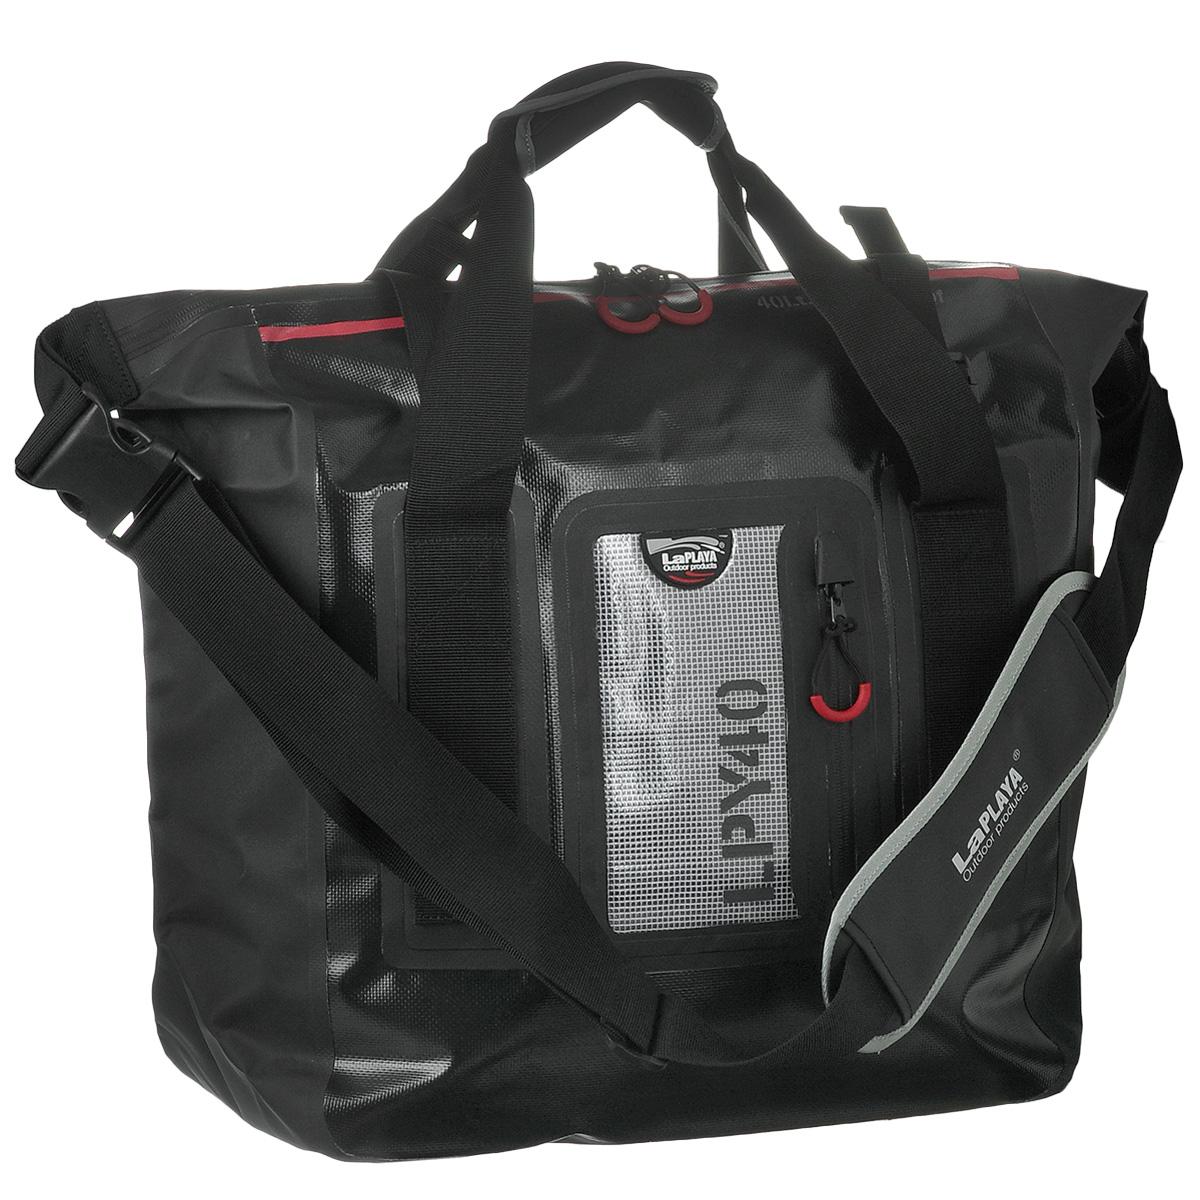 Сумка водонепроницаемая LaPlaya Square Bag, цвет: черный, 40 л800201Водонепроницаемая сумка LaPlaya Square Bag - незаменимая вещь для любителей туристических походов, кемпингов и отдыха на природе. Сумка выполнена из ПВХ (брезент + сетка). Метод термосварки швов обеспечивает 100% герметичность. Сумка имеет одно вместительное отделение, которое закрывается на водонепроницаемую молнию. Внутри содержится вшитый карман на молнии и 2 сетчатых кармашка. С лицевой стороны сумки расположен прозрачный карман, также с водонепроницаемой молнией, удобный для хранения документов, билетов и других бумаг. Сумка компактная, практичная и очень удобная, она снабжена плечевым ремнем с мягкой вставкой для плеча, а также двумя ручками. На ручках и ремне имеются светоотражающие элементы. Такая сумка - просто находка для экстремалов и любителей проводить много времени на открытом воздухе. LaPlaya DRY BAG - это функциональный и минималистичный дизайн, прочный материал и высокое качество технологии производства. Это все, что необходимо для выбора идеального партнера в вопросе экипировки для активного отдыха, открытых спортивных мероприятий и настоящих приключений, не зависящих от погодных условий.